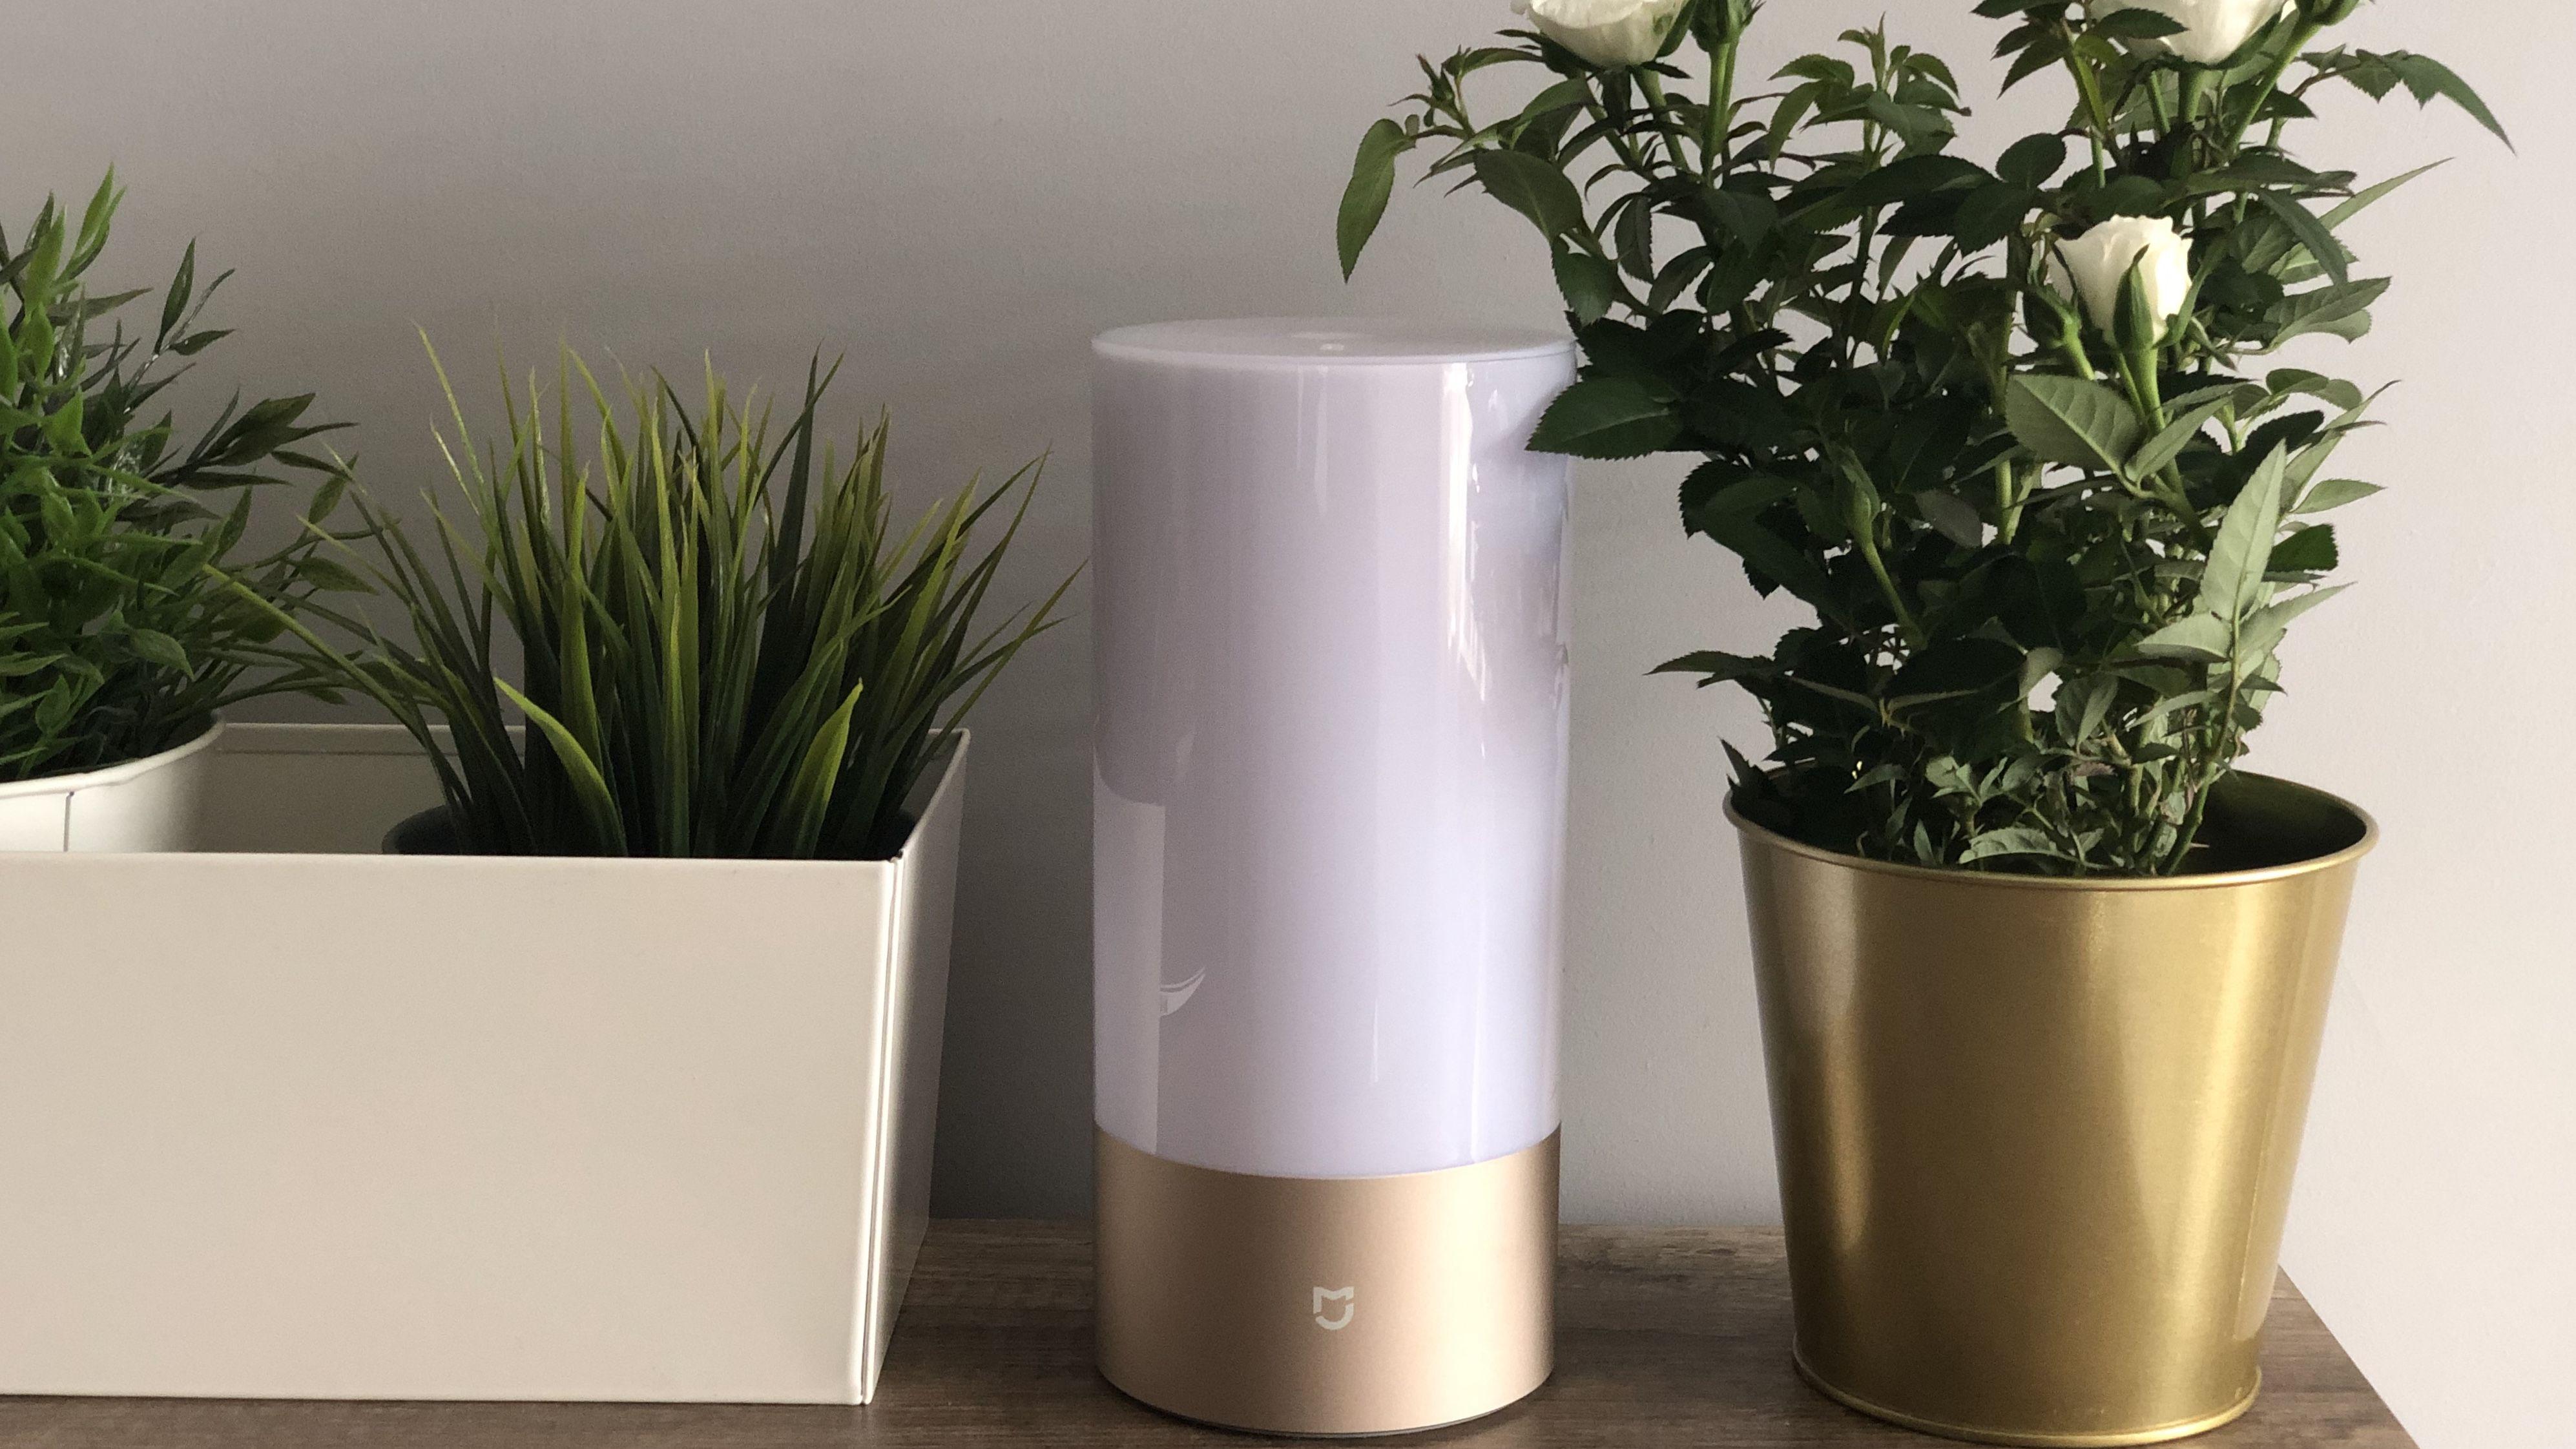 Recenzja Xiaomi Bedside Lamp – inteligenta lampka, która zachwyca ceną i możliwościami.